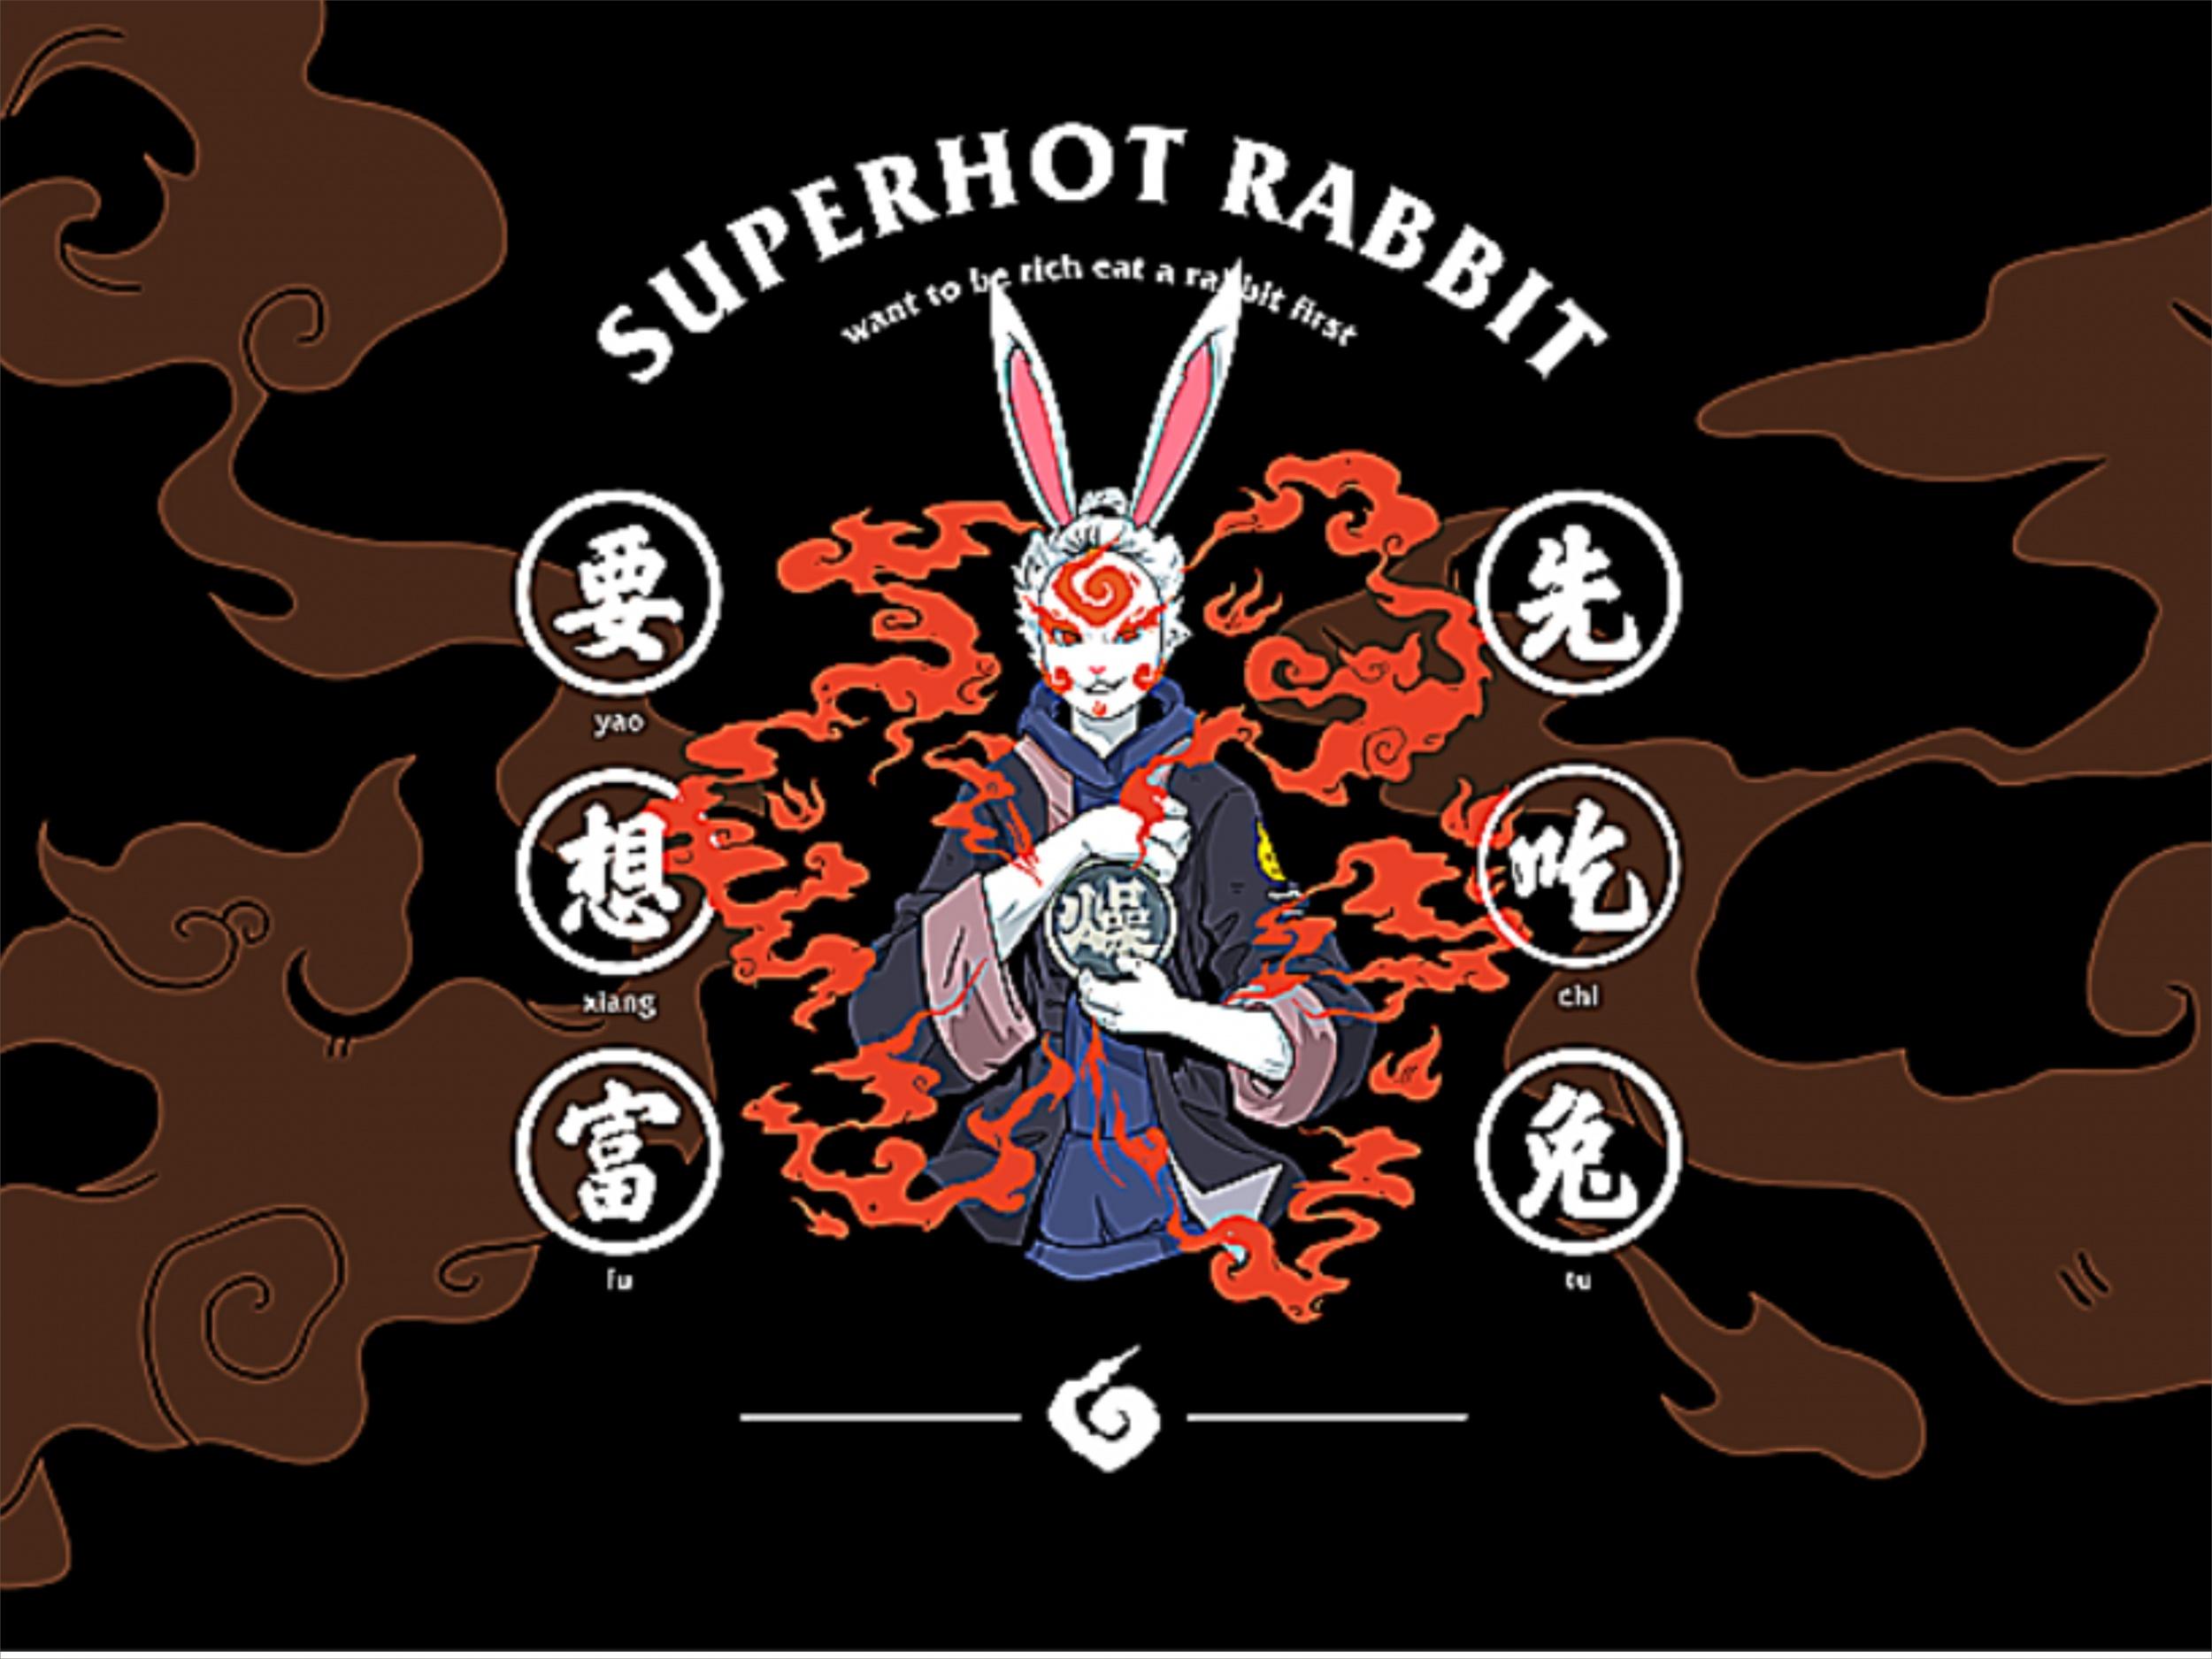 郑州天干兔燥vi设计 酷并年轻化,满满时尚感